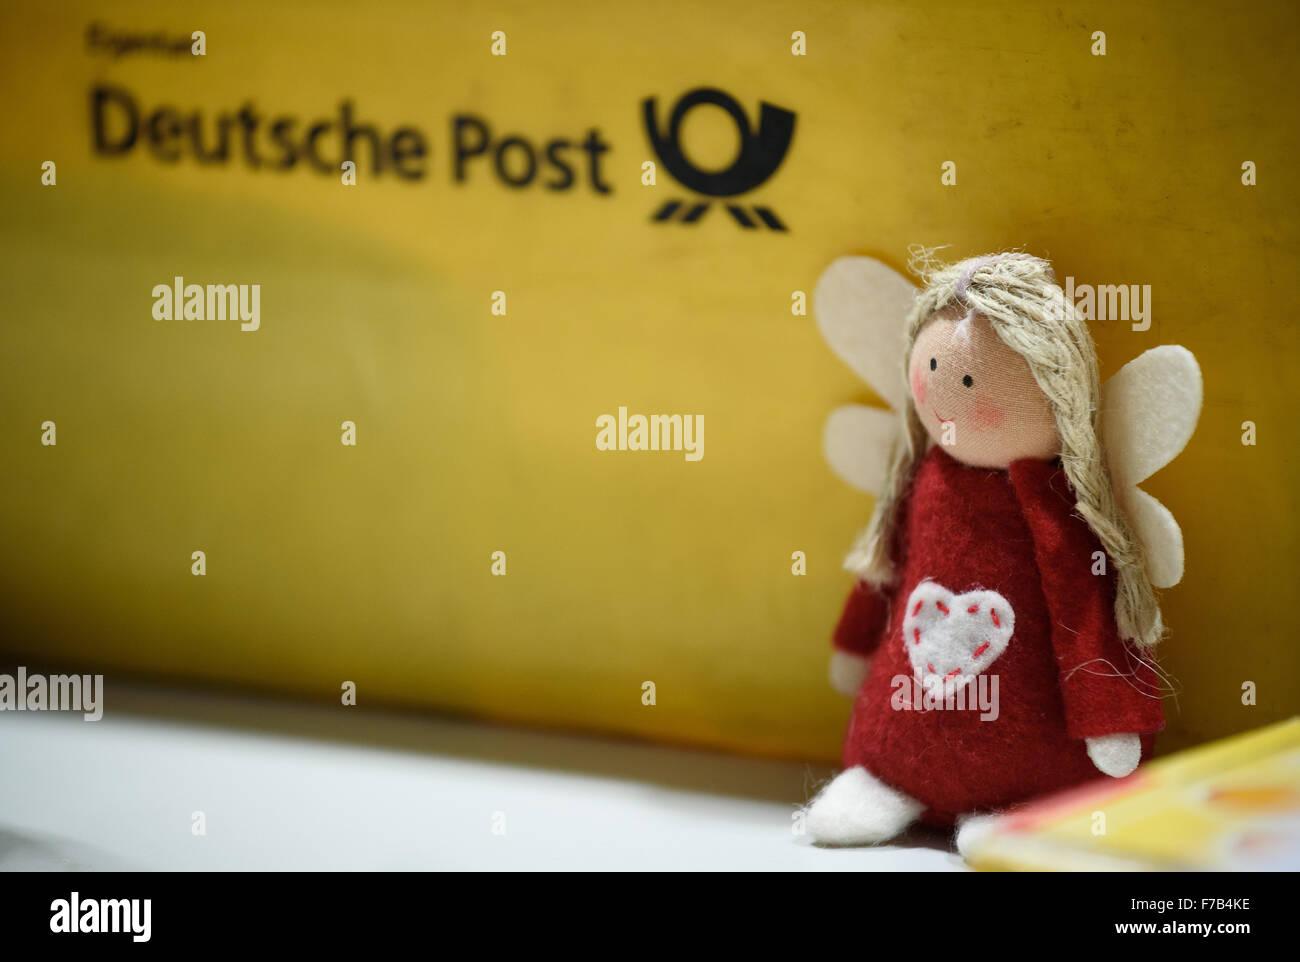 Un jouet en peluche représentant le Christ Enfant en photo à côté d'un fort de la poste allemande Deutsche Post Banque D'Images